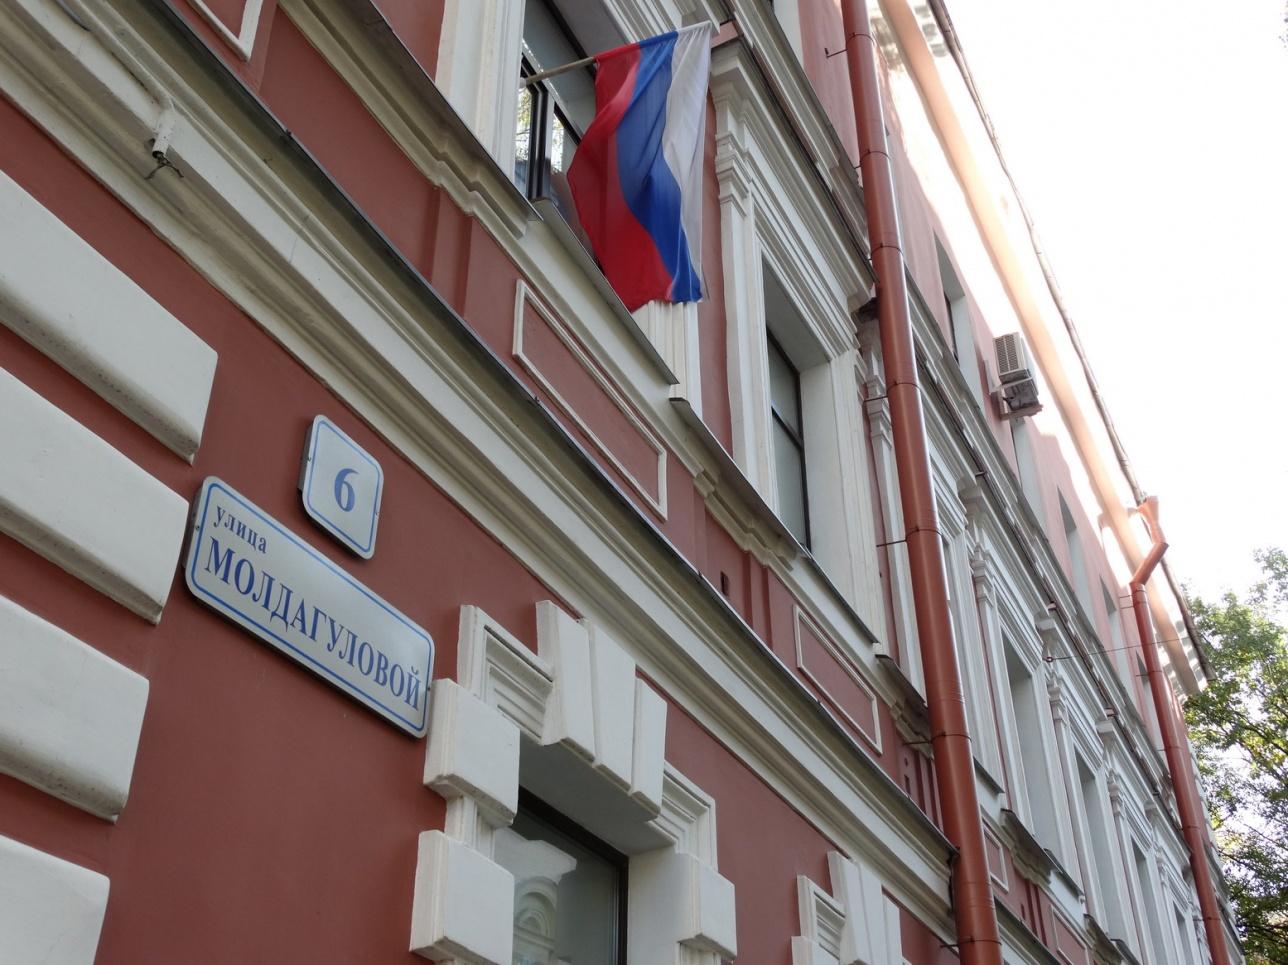 Улица Алии Молдагуловой в Санкт-Петербурге